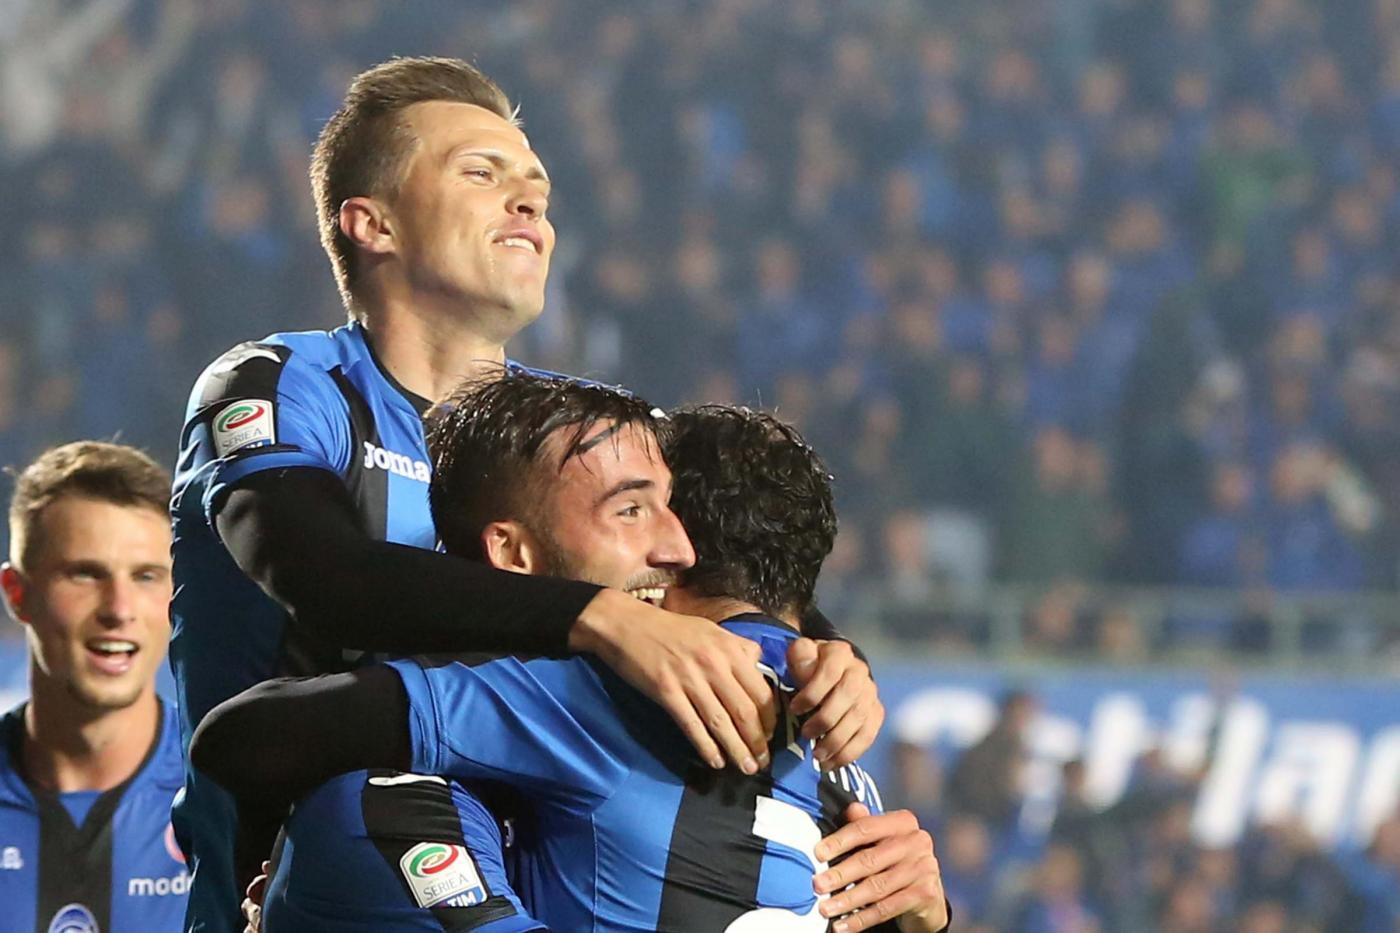 Europa League, Atalanta-Sarajevo 26 luglio: analisi e pronostico dei quarti di finale delle qualificazioni per la competizione europea